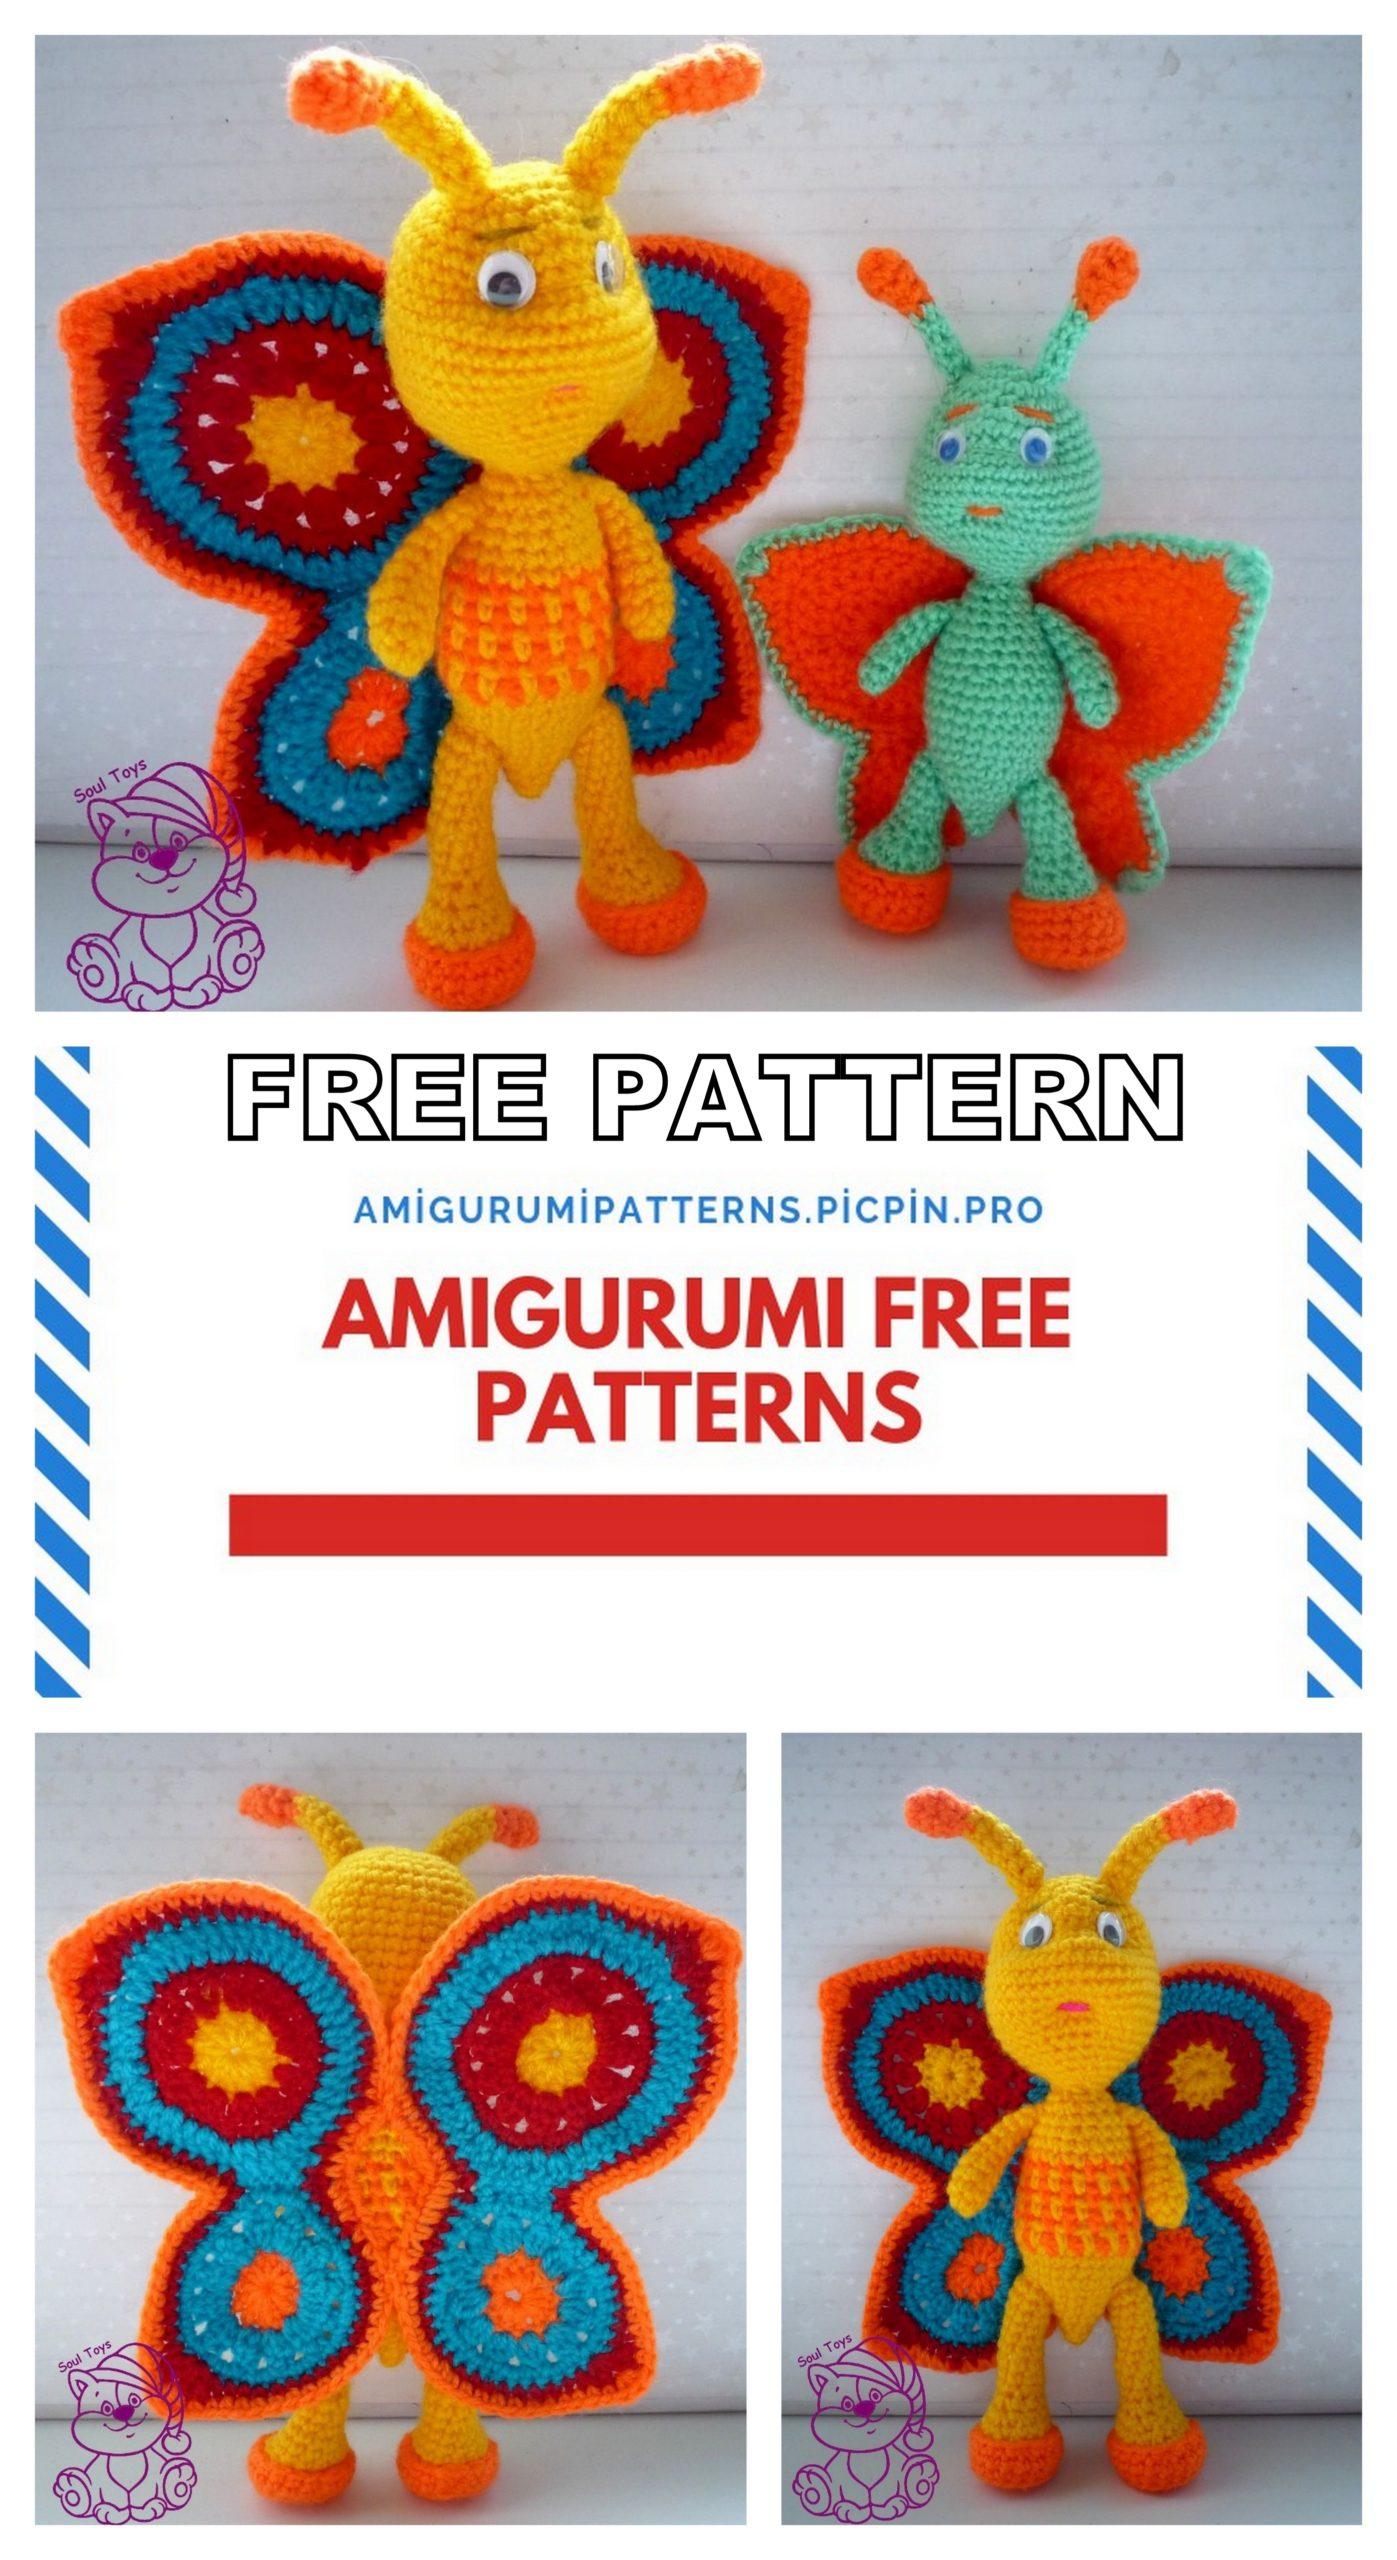 Butterfly baby rattle crochet pattern - Amigurumi Today | 2560x1397